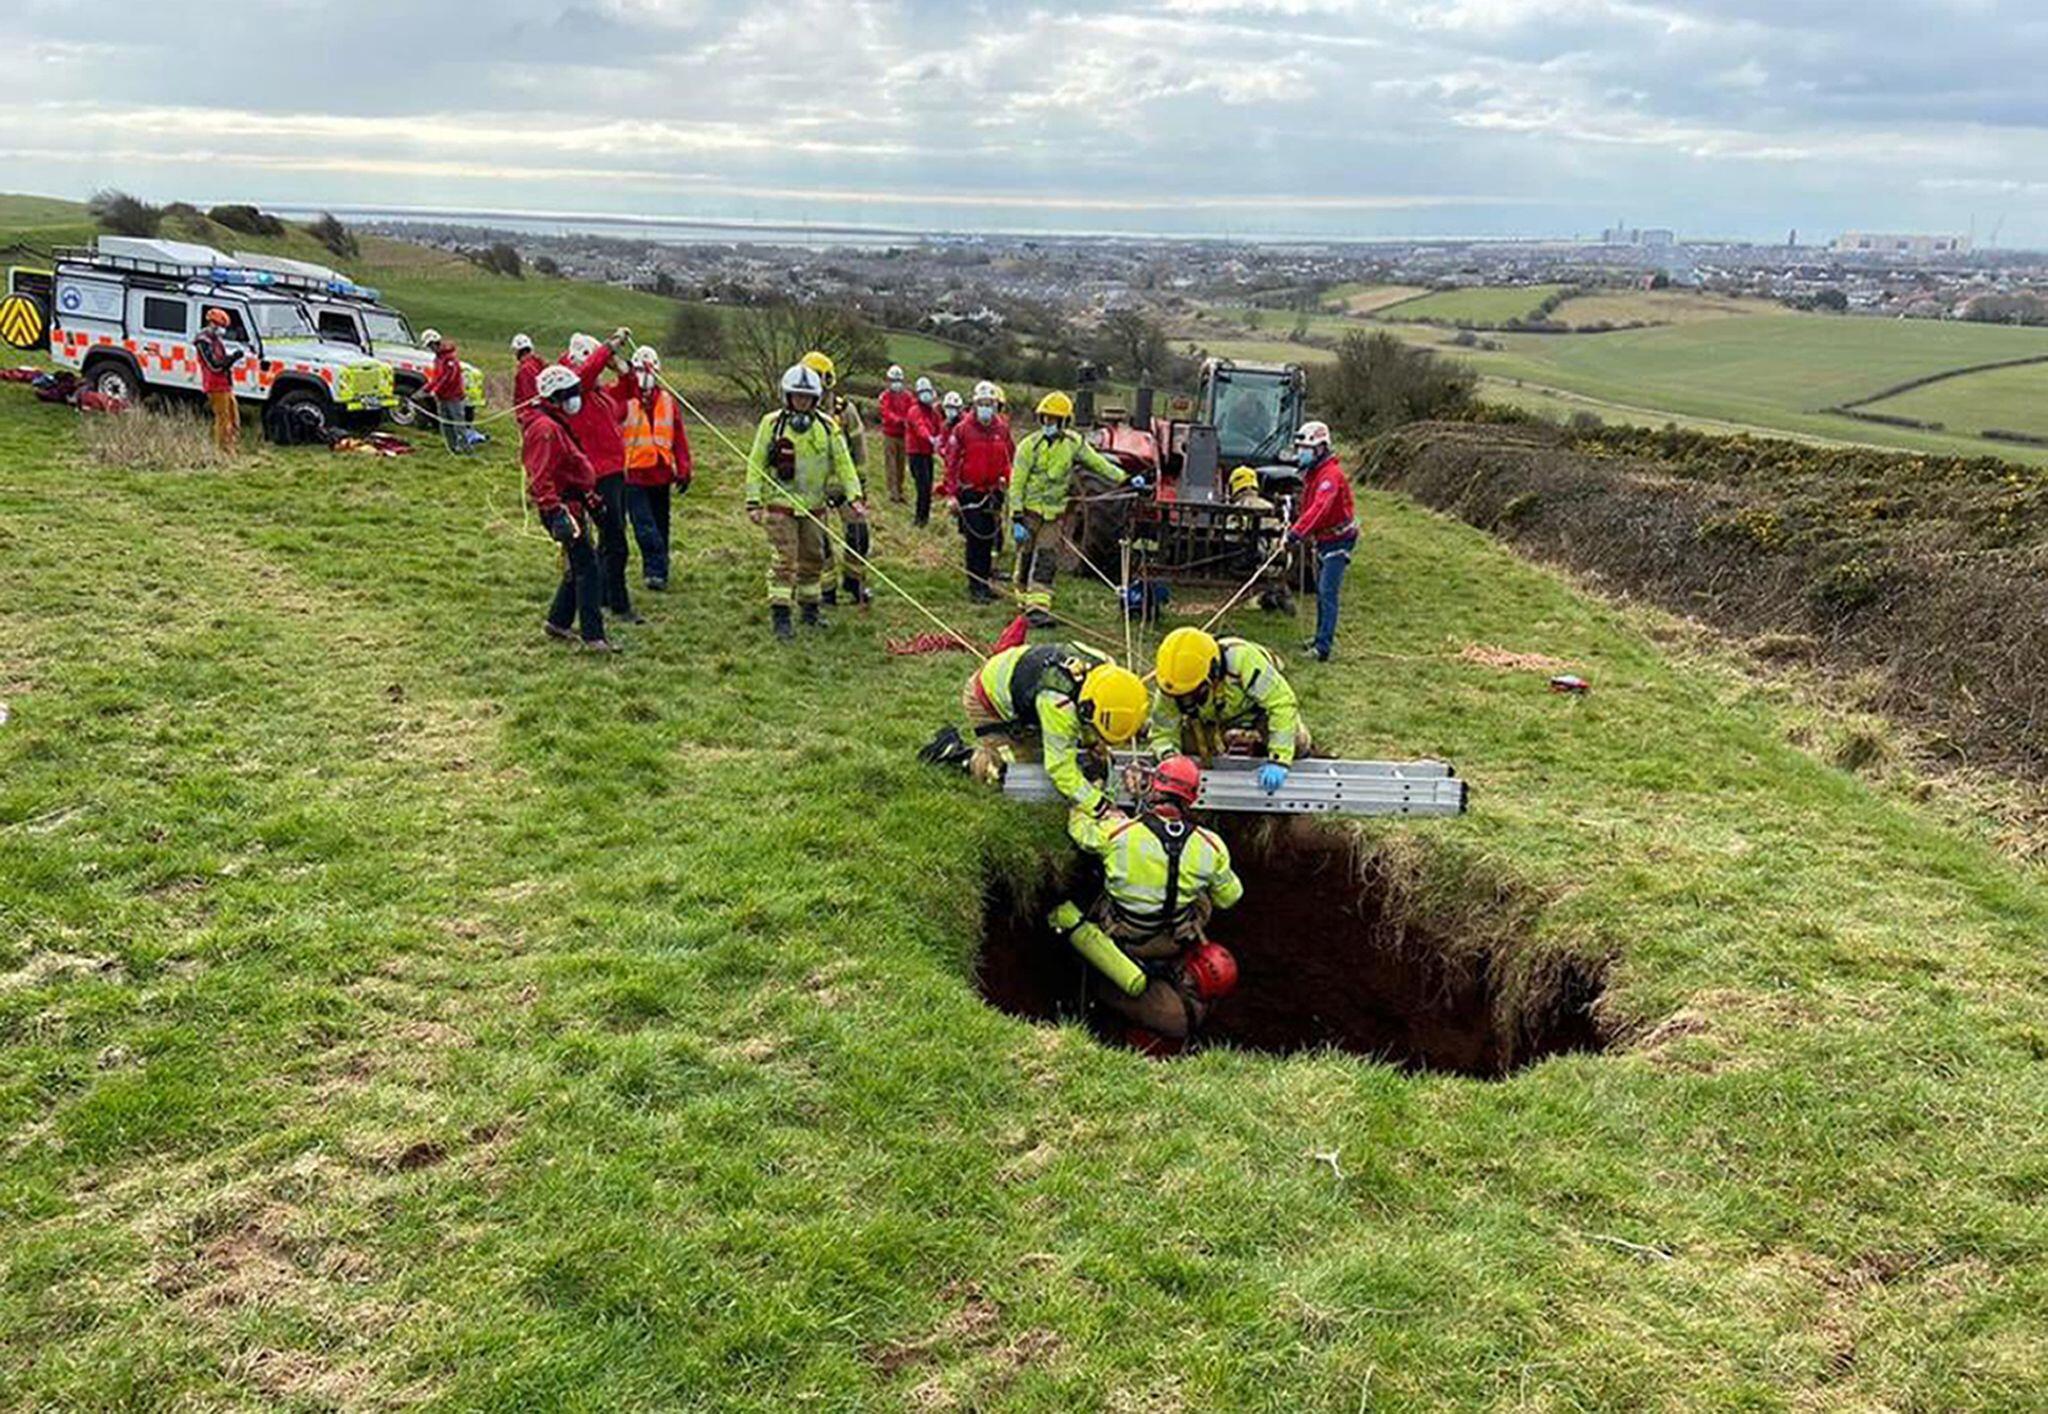 Bild zu Quad-Fahrer in England stürzt in 18 Meter tiefe Bergsenkung